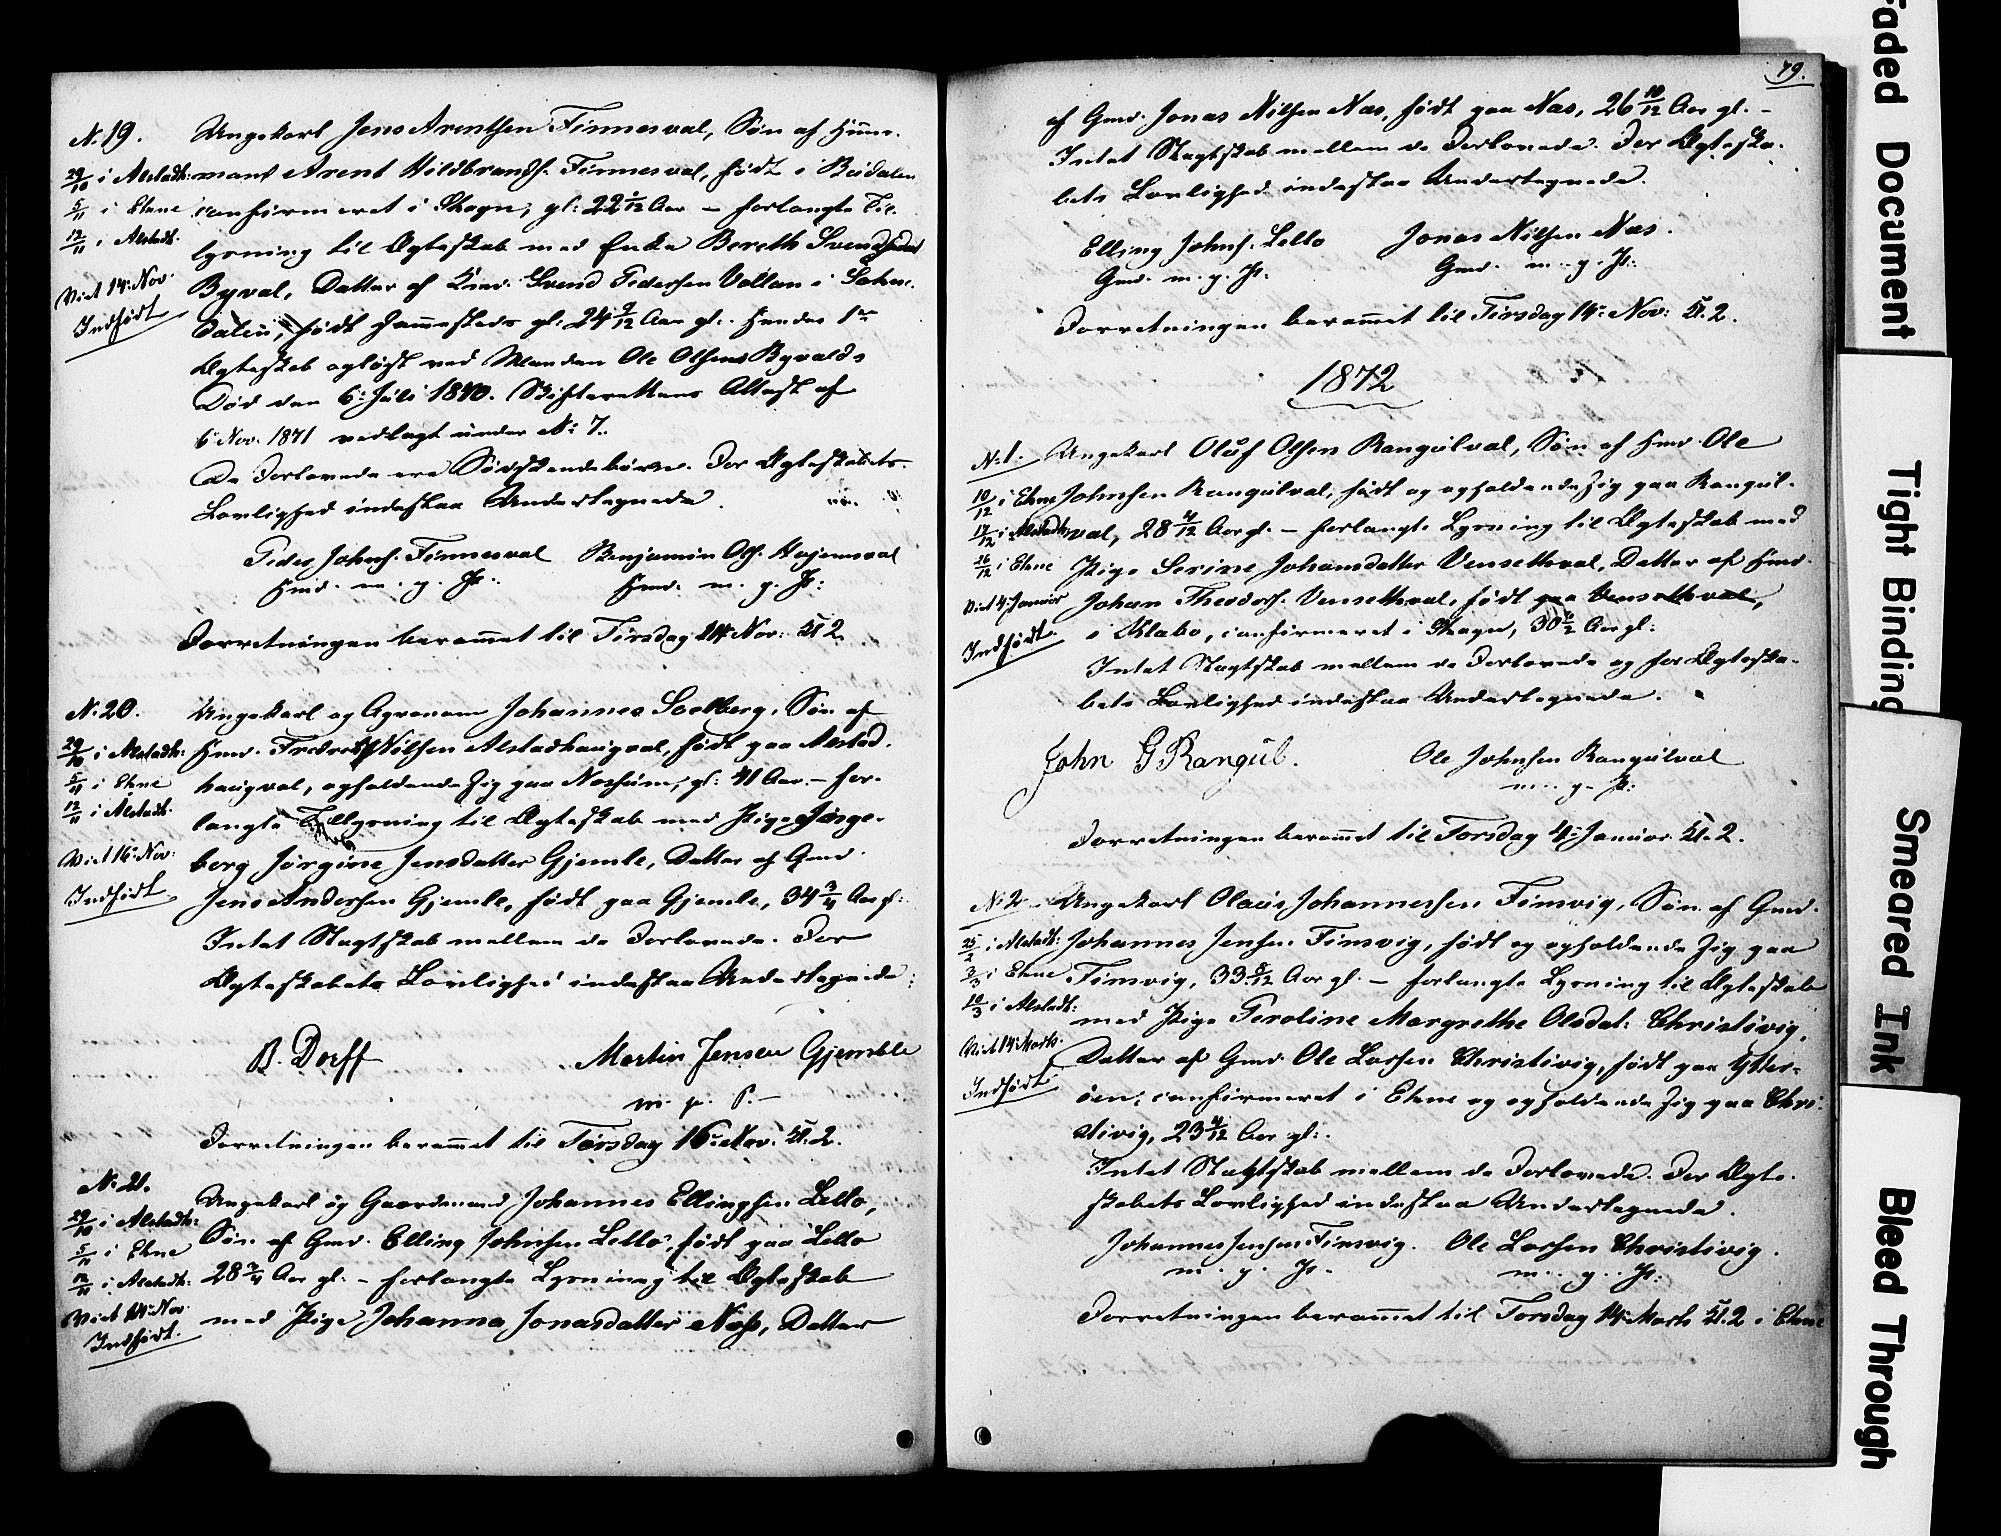 SAT, Ministerialprotokoller, klokkerbøker og fødselsregistre - Nord-Trøndelag, 717/L0161: Forlovererklæringer nr. 717A11, 1850-1895, s. 79